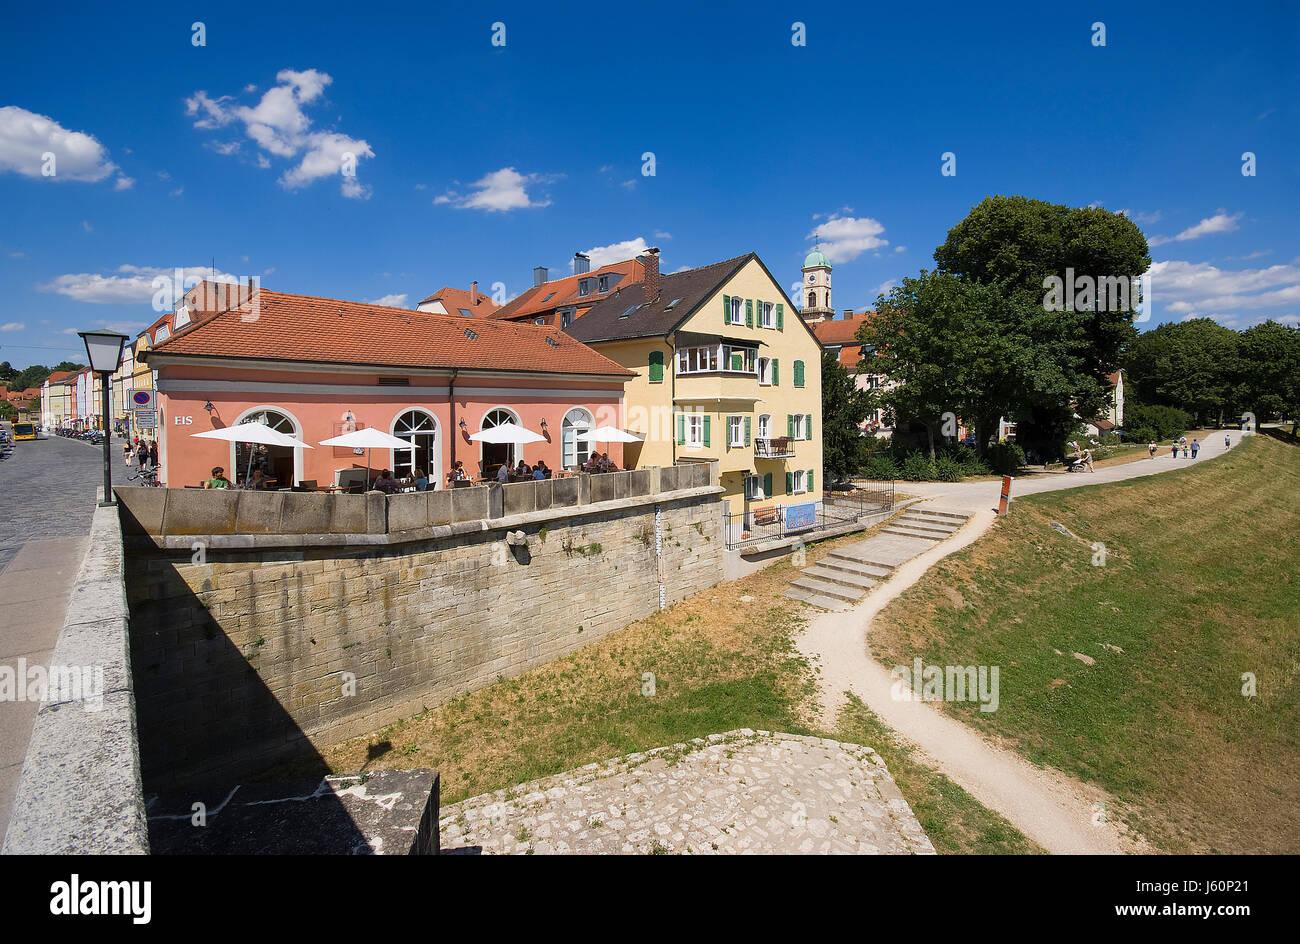 Stadtcafe Stock Photos & Stadtcafe Stock Images